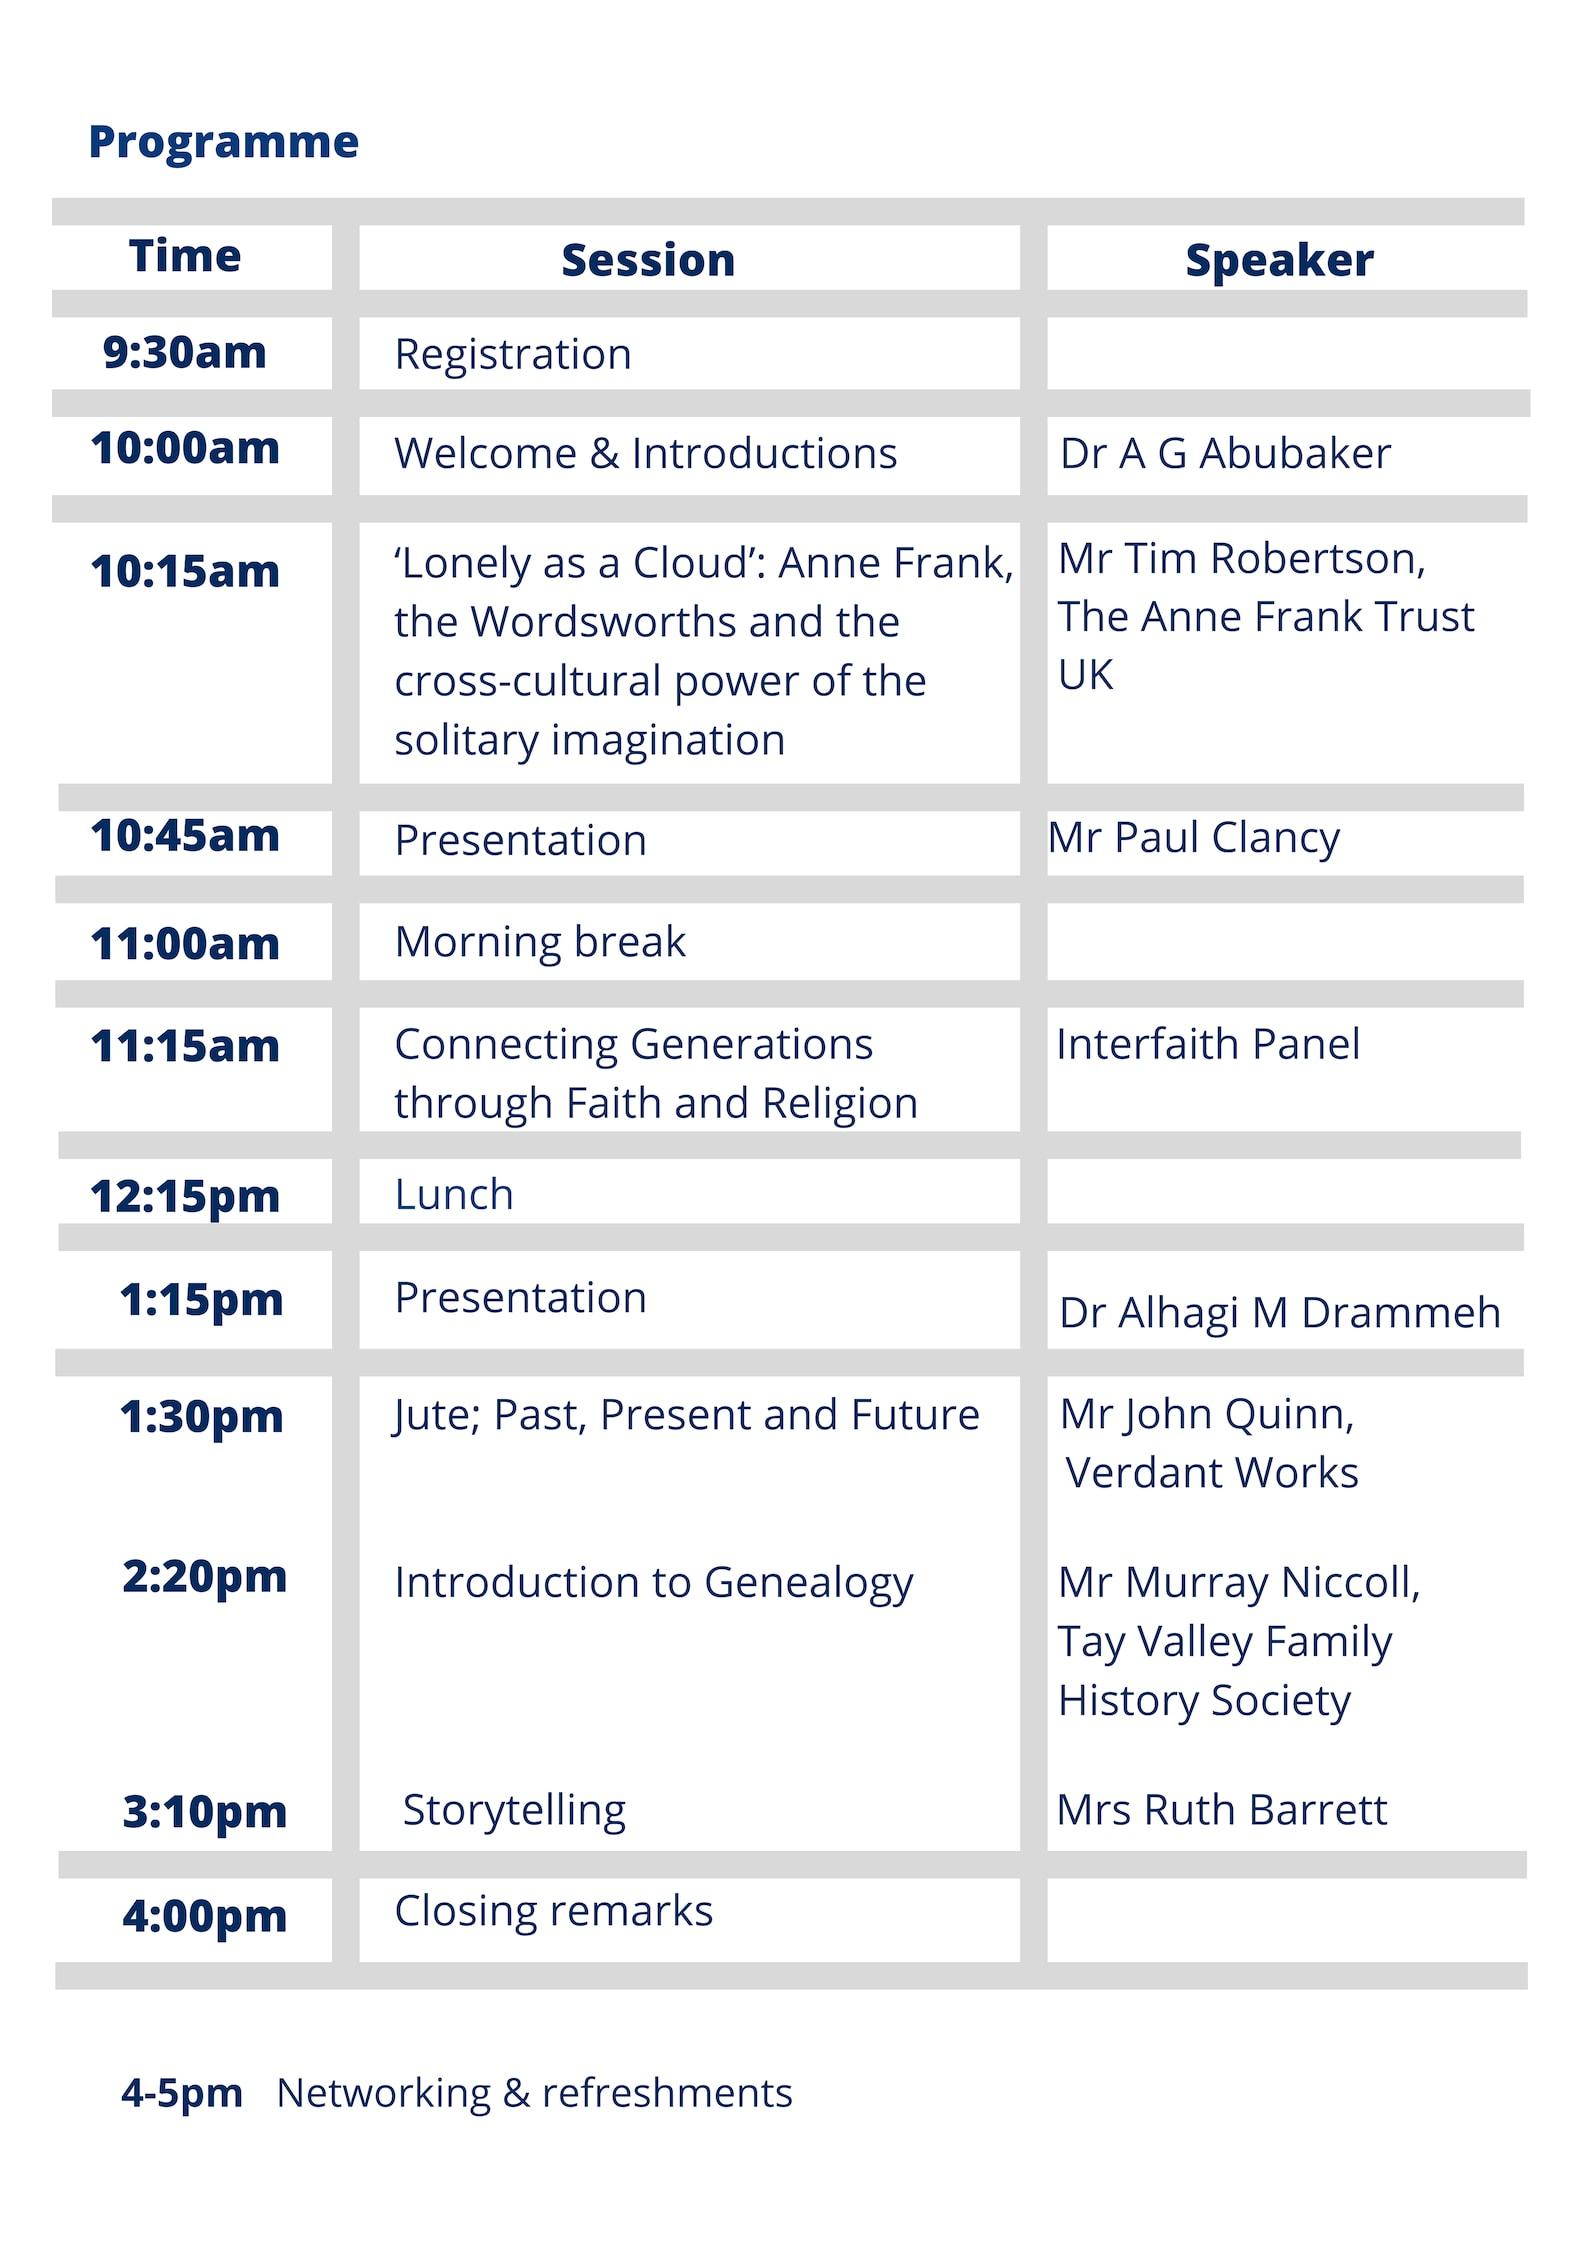 Programme Timetable